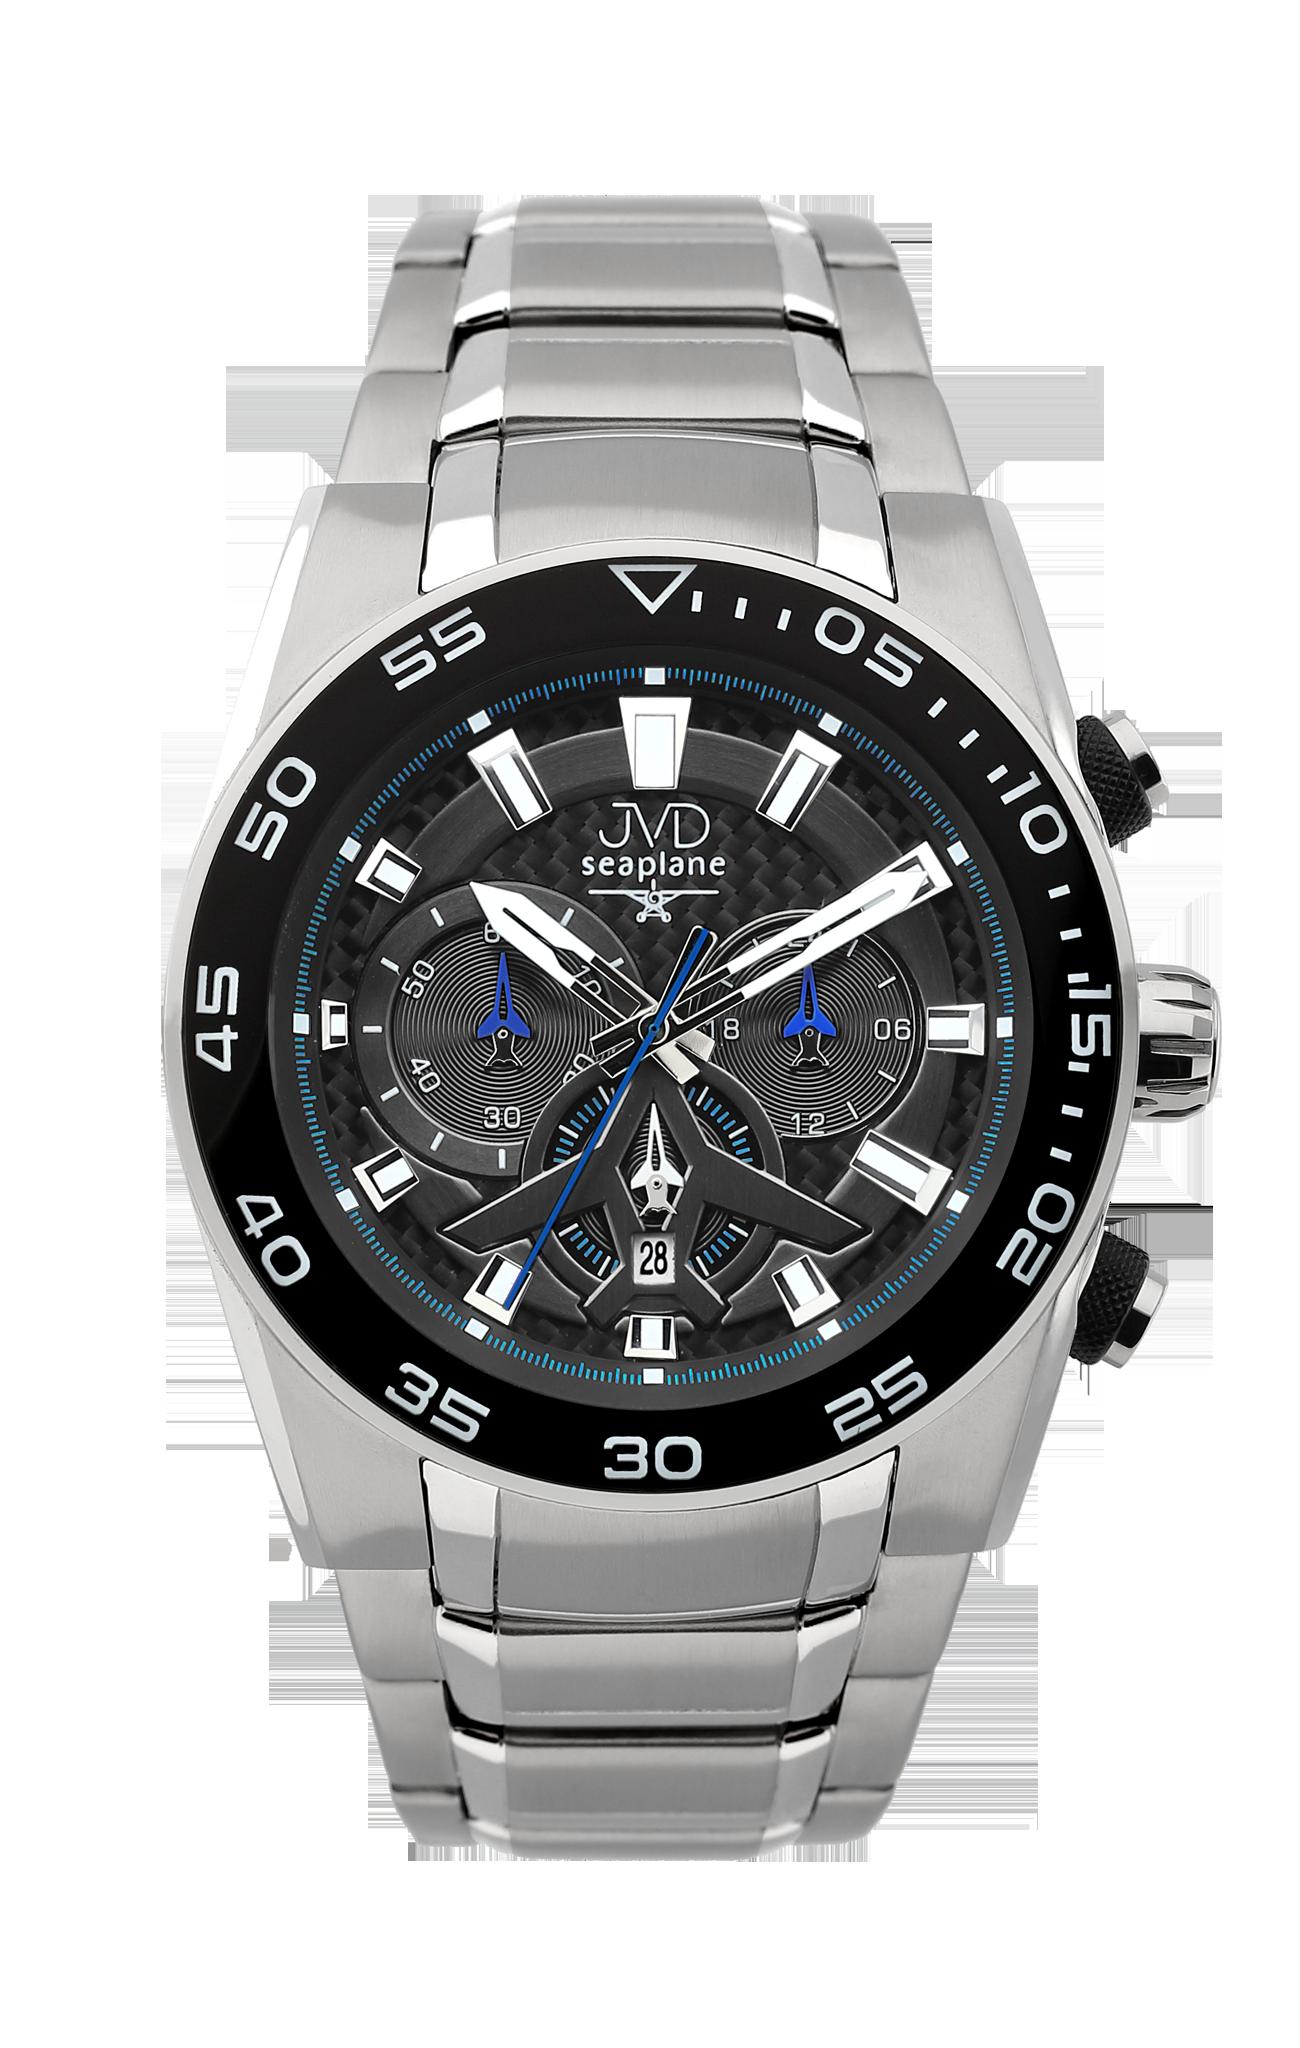 Luxusní pánské voděodolné chronografy do extrémních podmínek JVD W49.2 (POŠTOVNÉ ZDARMA!!)